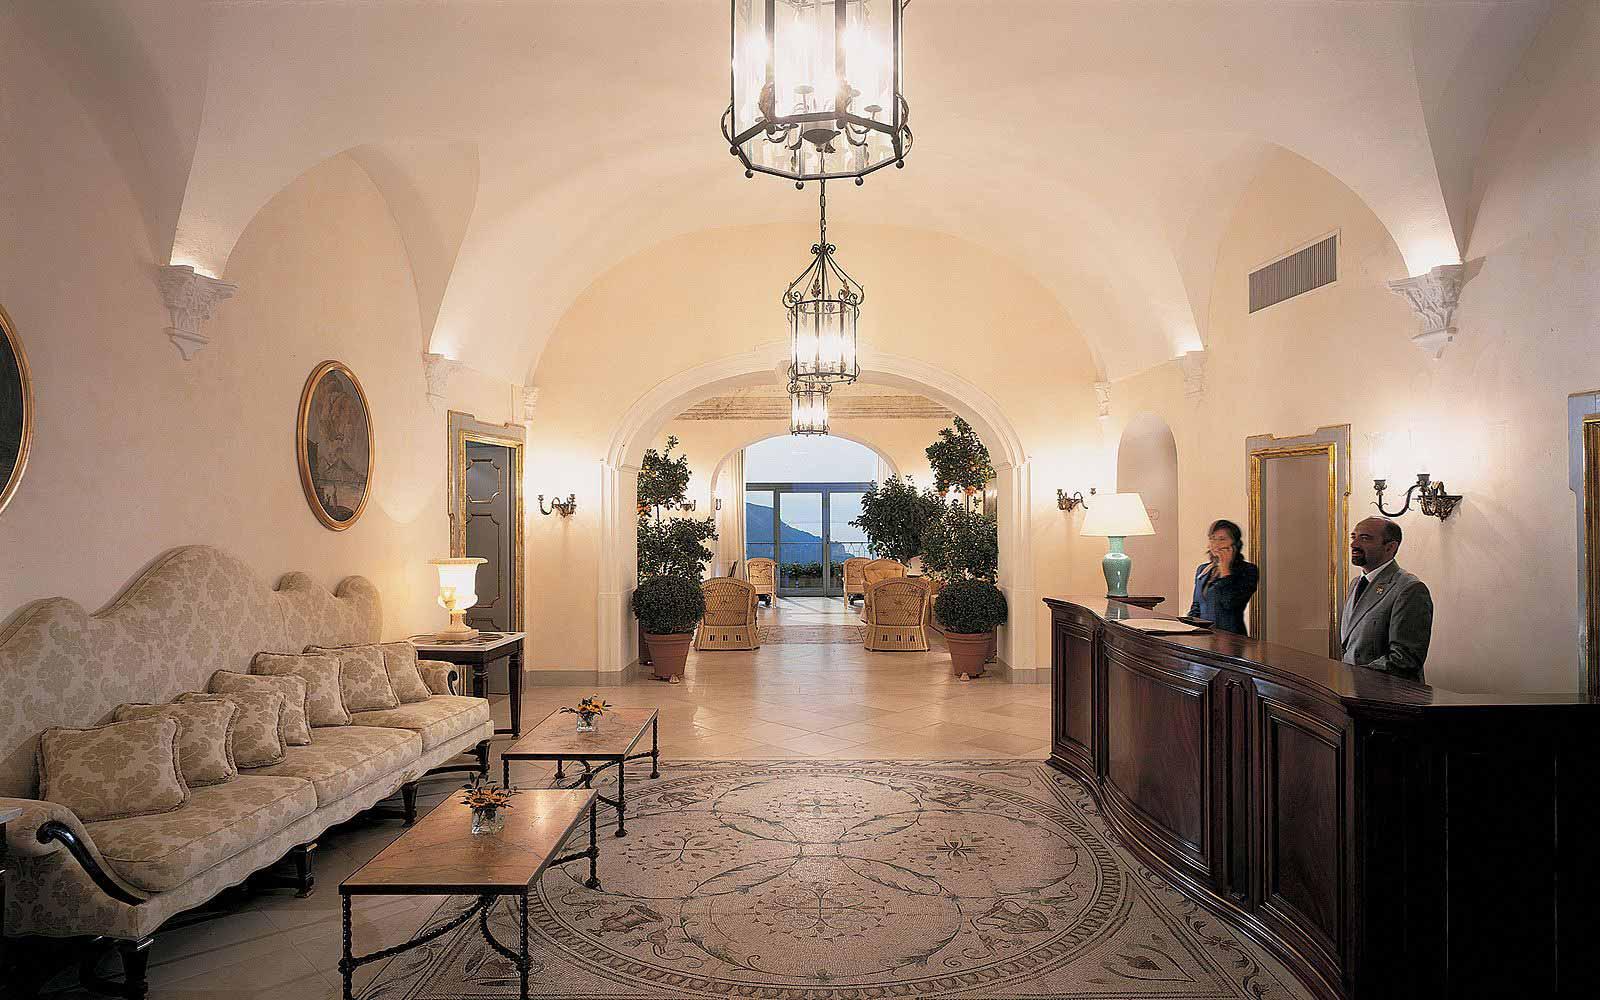 Reception at the Belmond Hotel Caruso